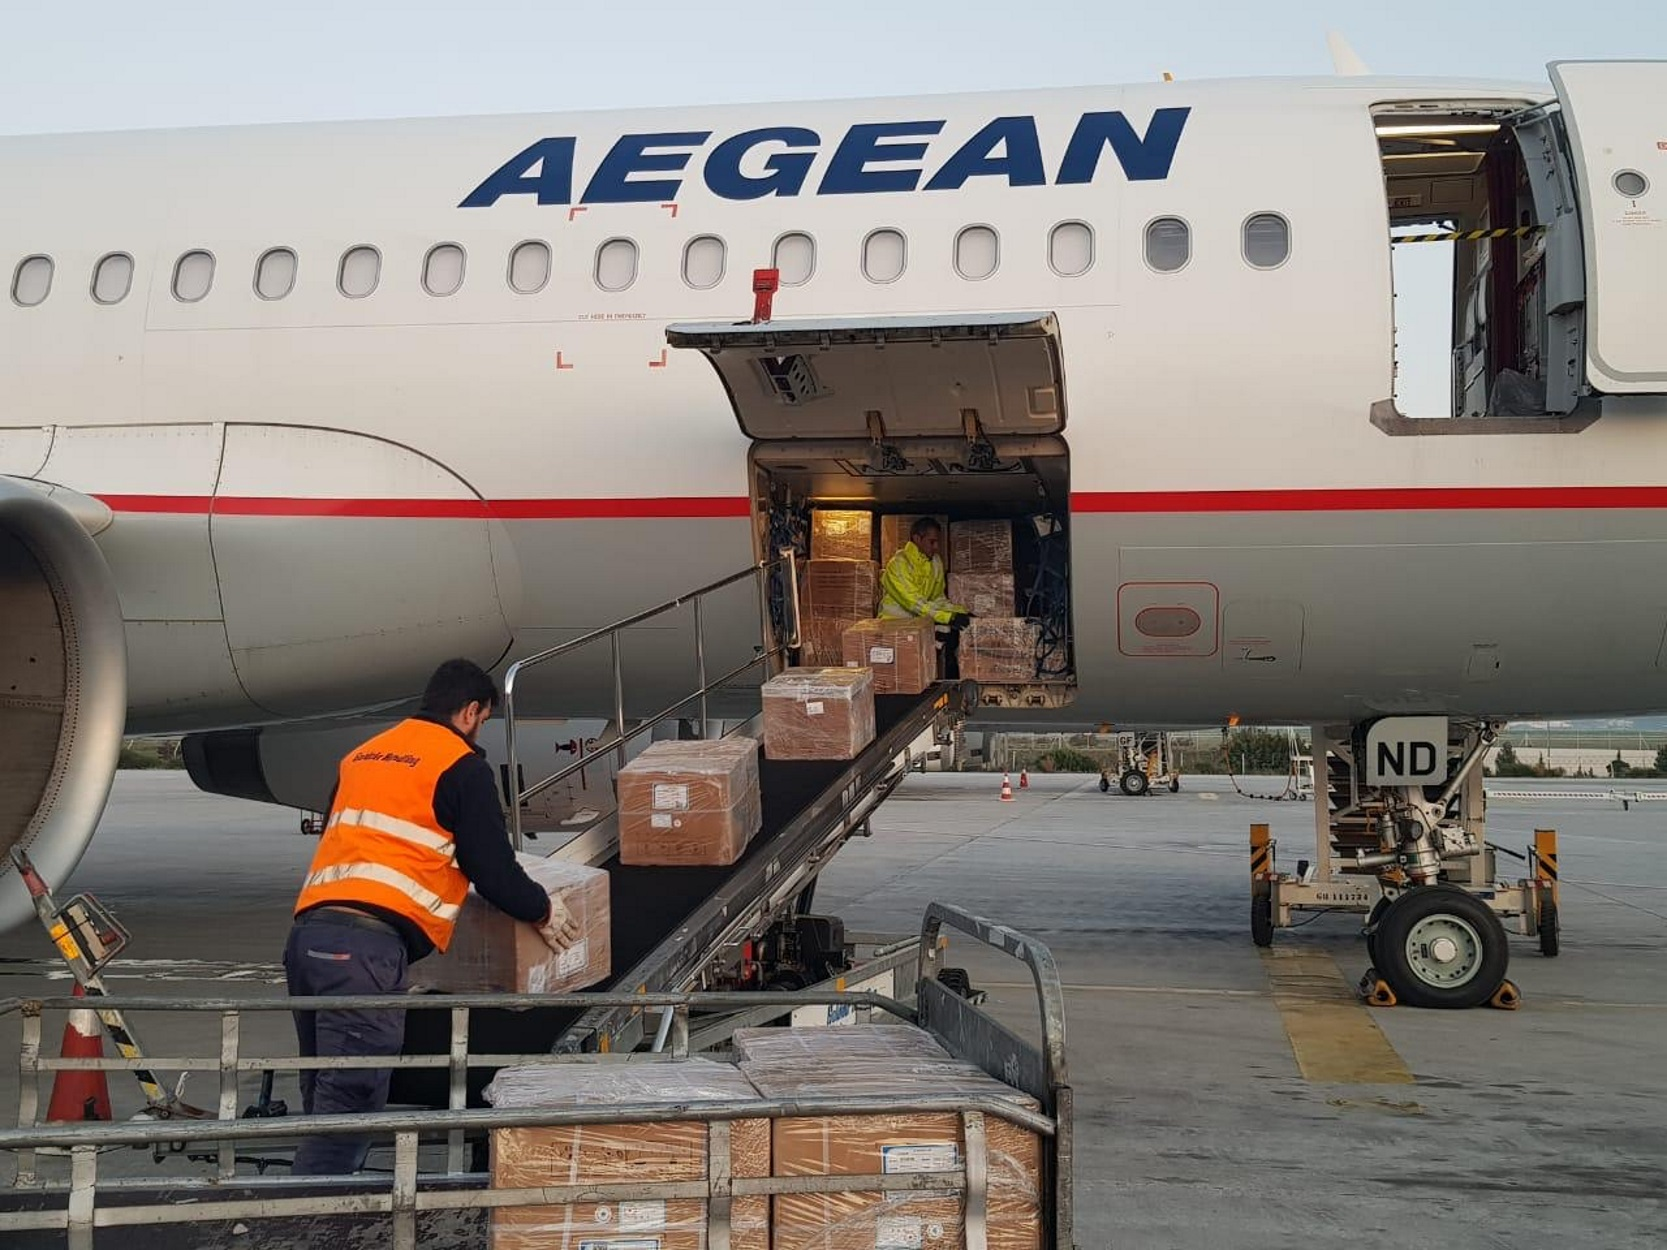 AEGEAN: 48.000 ταξίδια για 24.000 εργαζόμενους των νοσοκομείων αναφοράς κατά του κορονοϊού